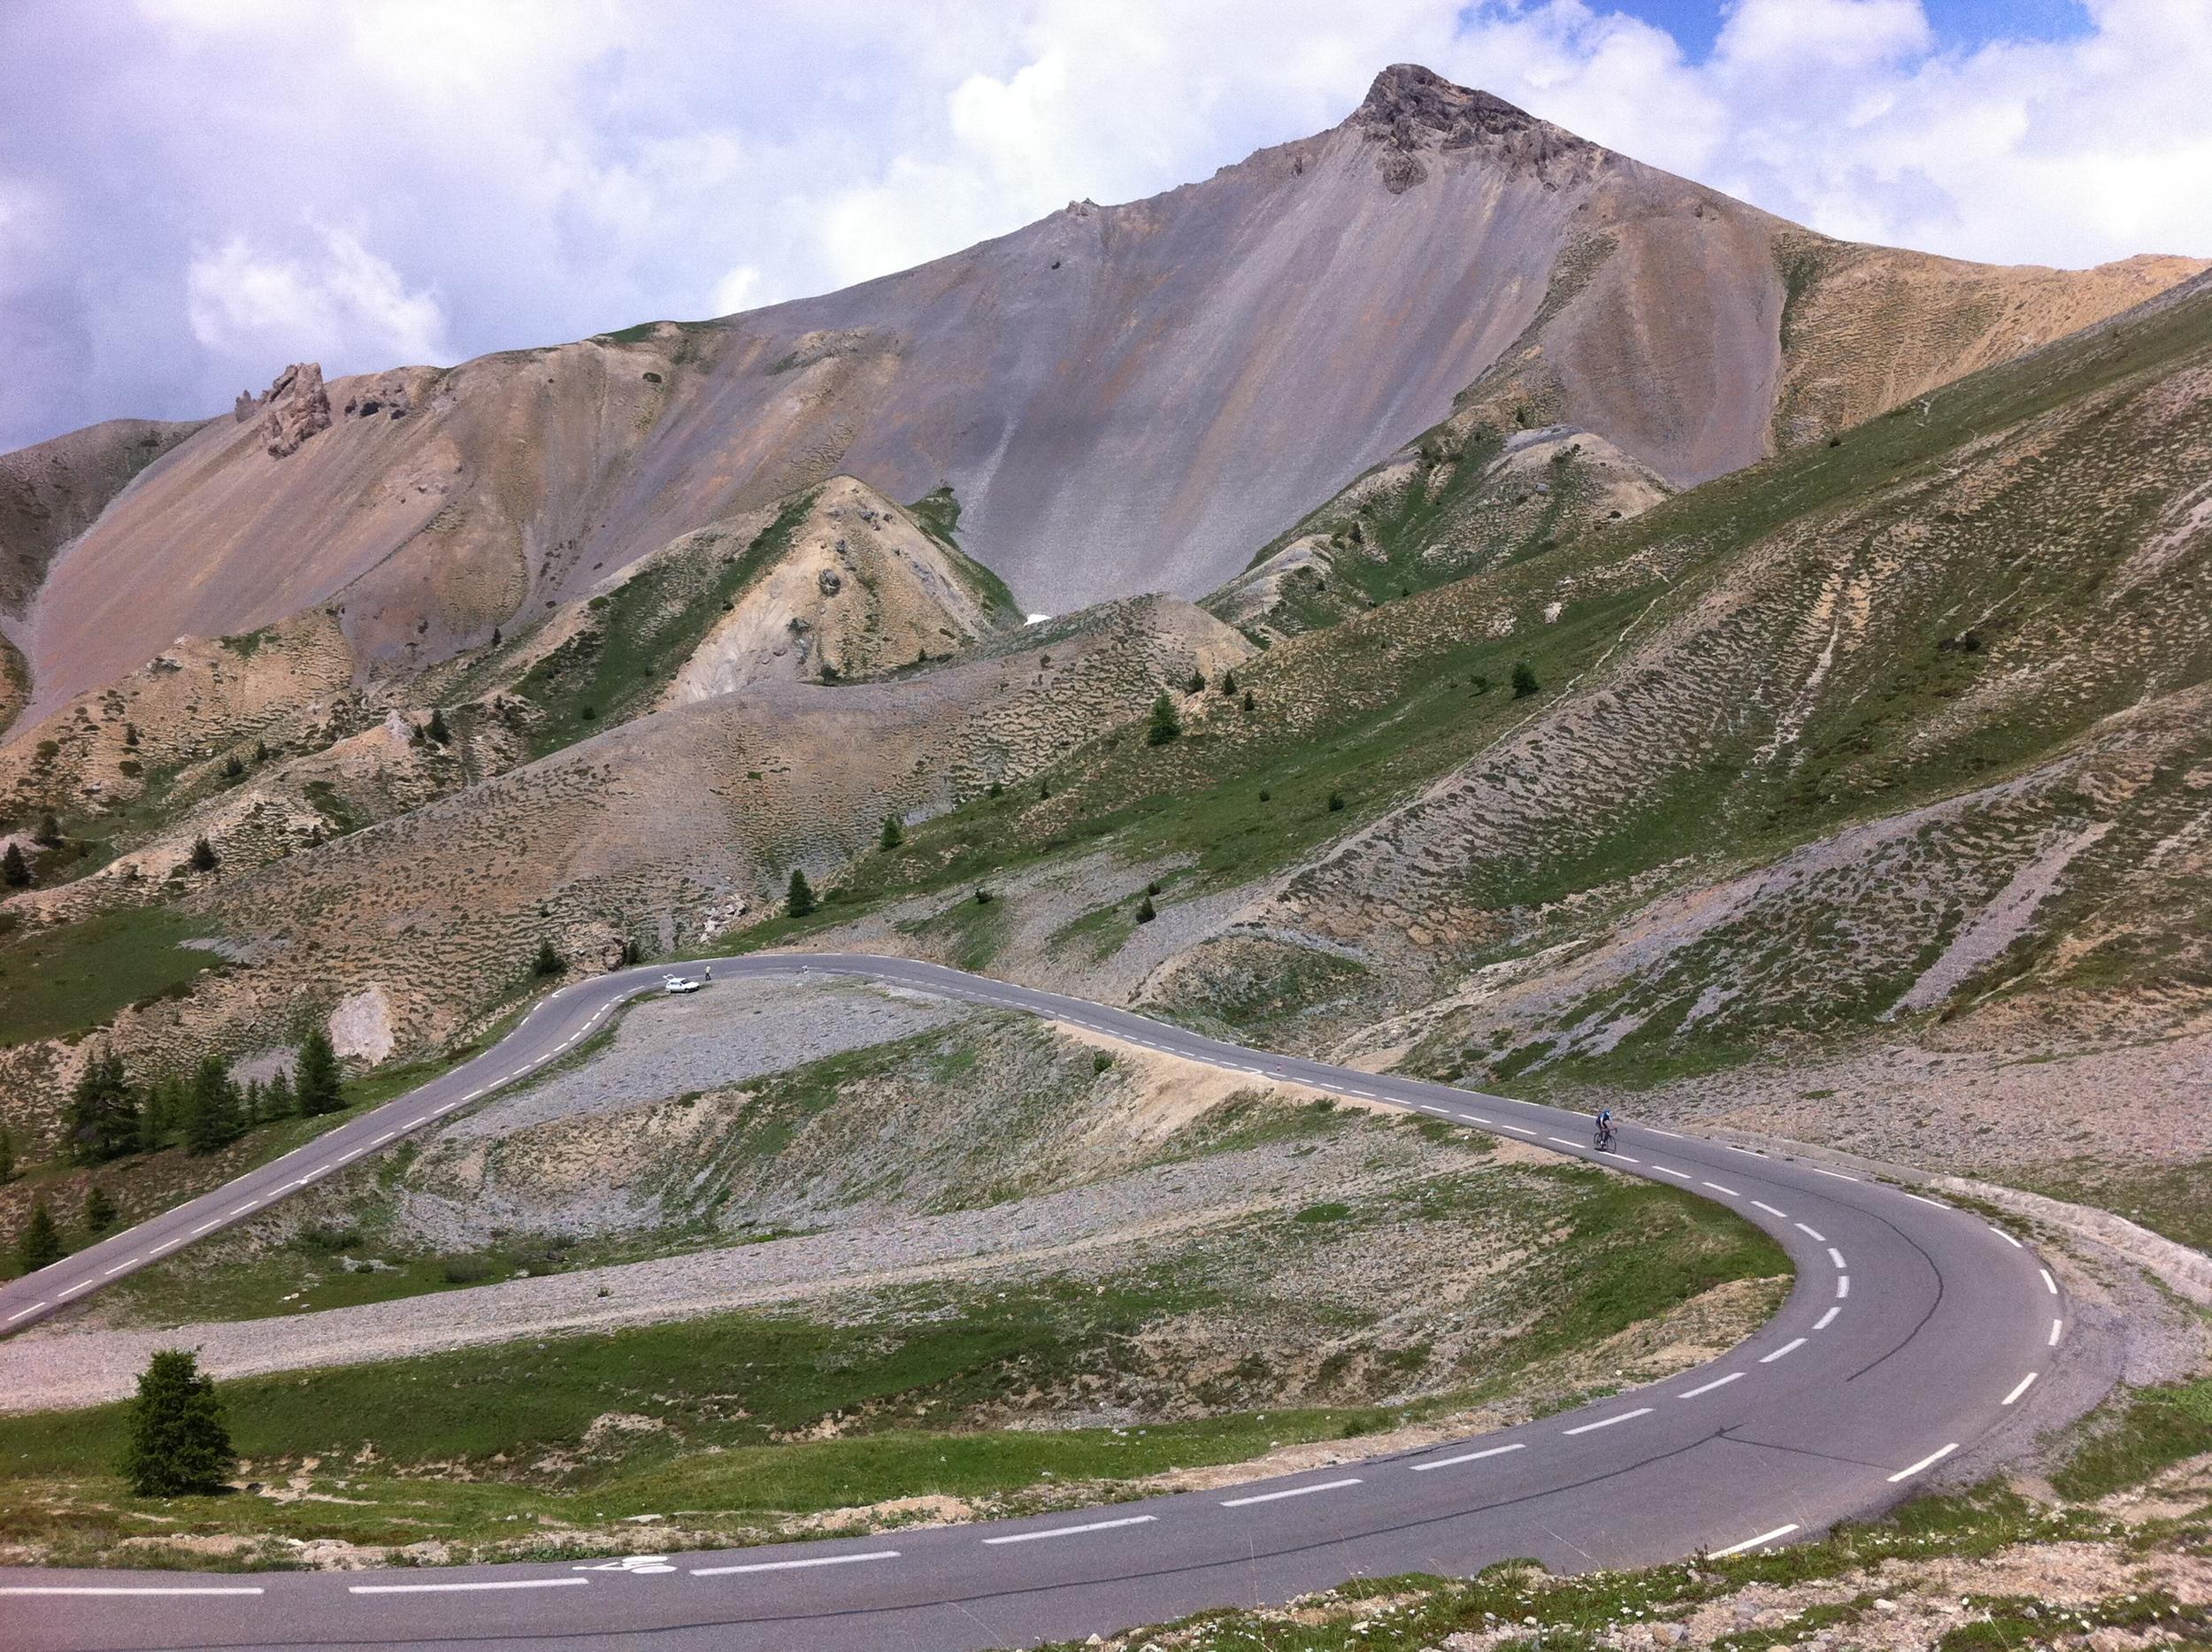 Descending the Col d'Izoard